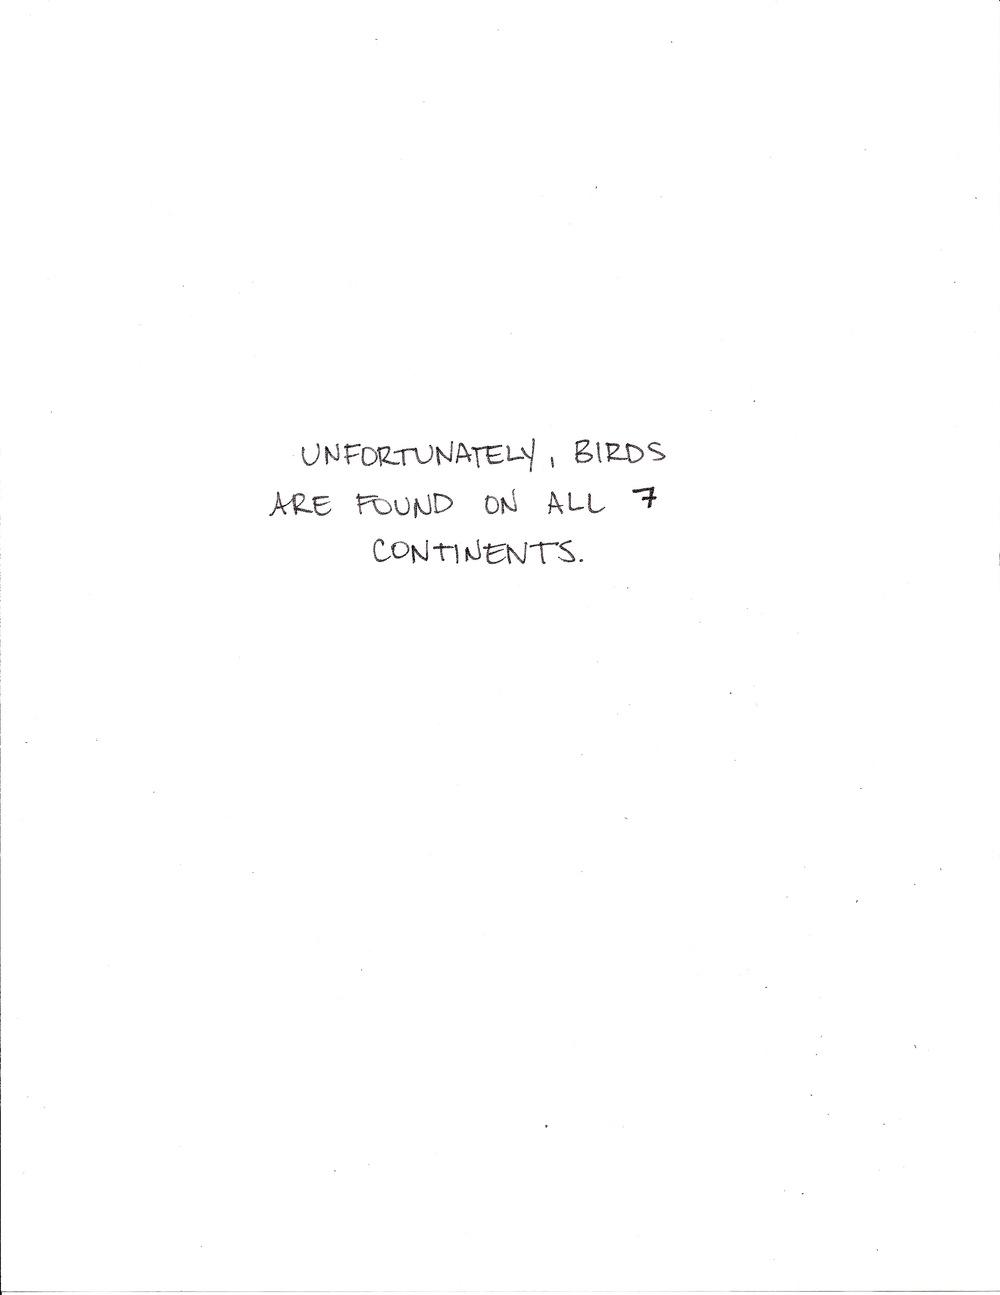 SFAB, pg 1, 2015.jpeg